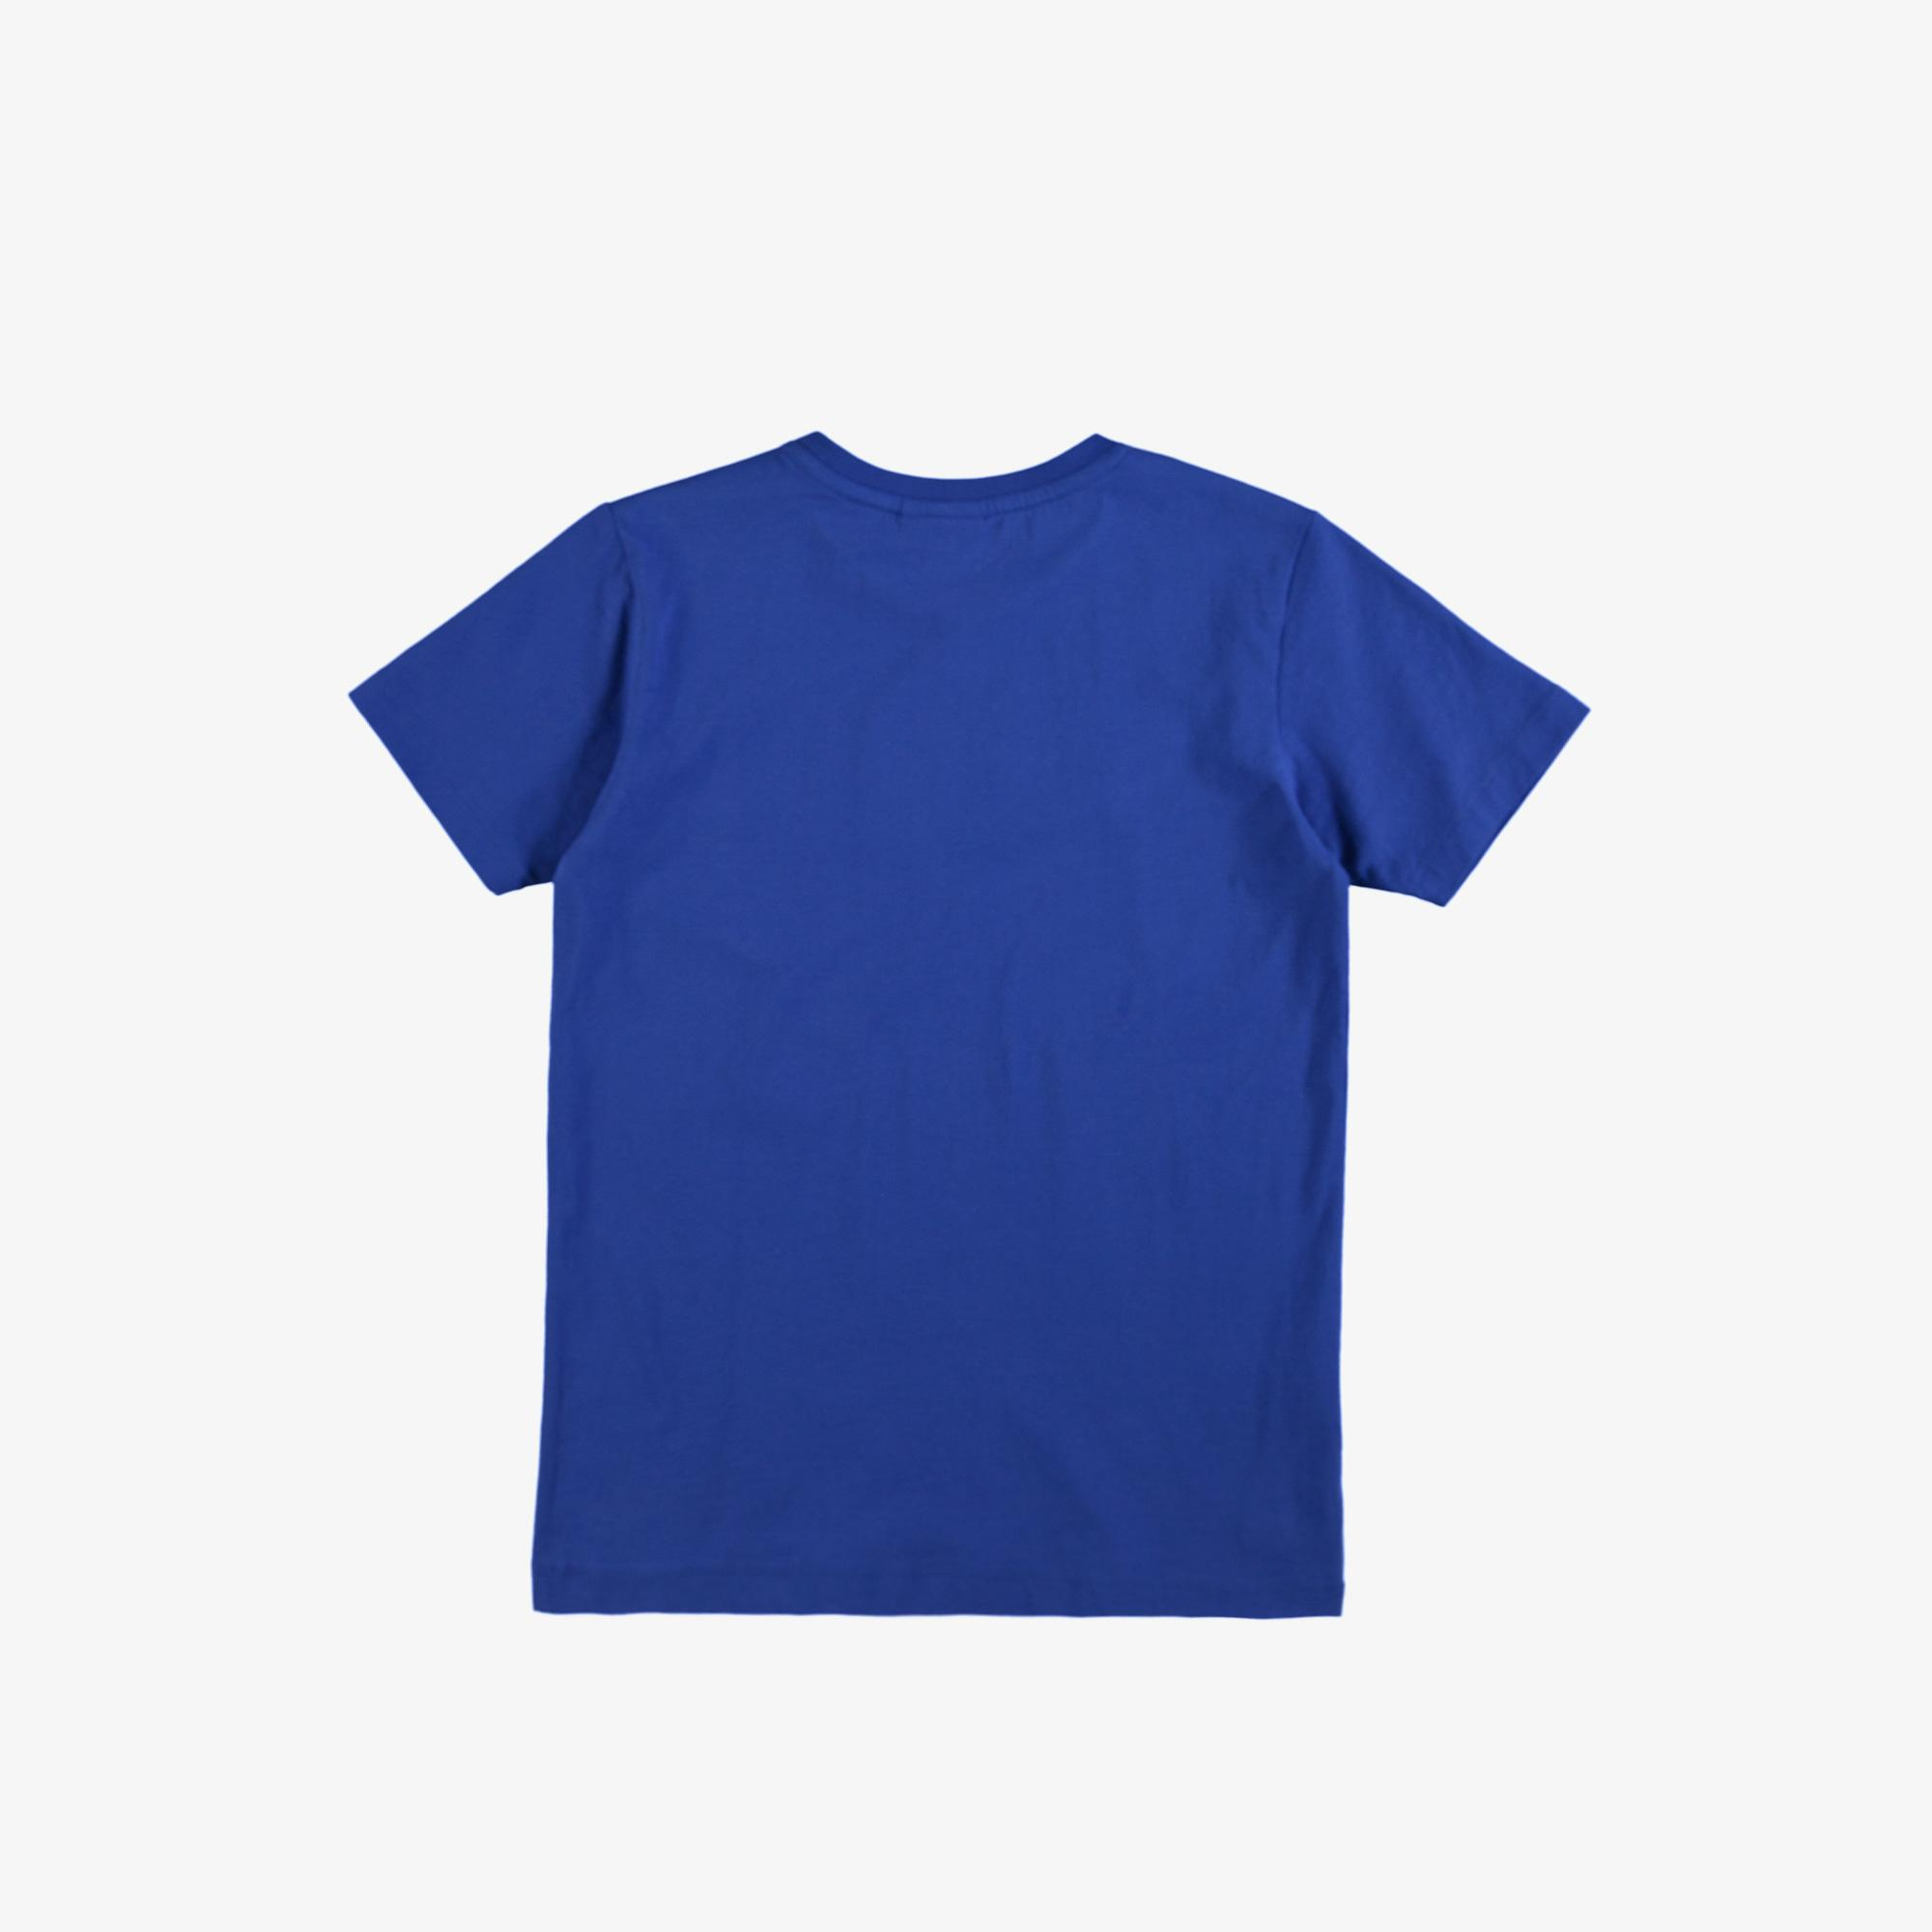 Lacoste Koszulka Chłopięca